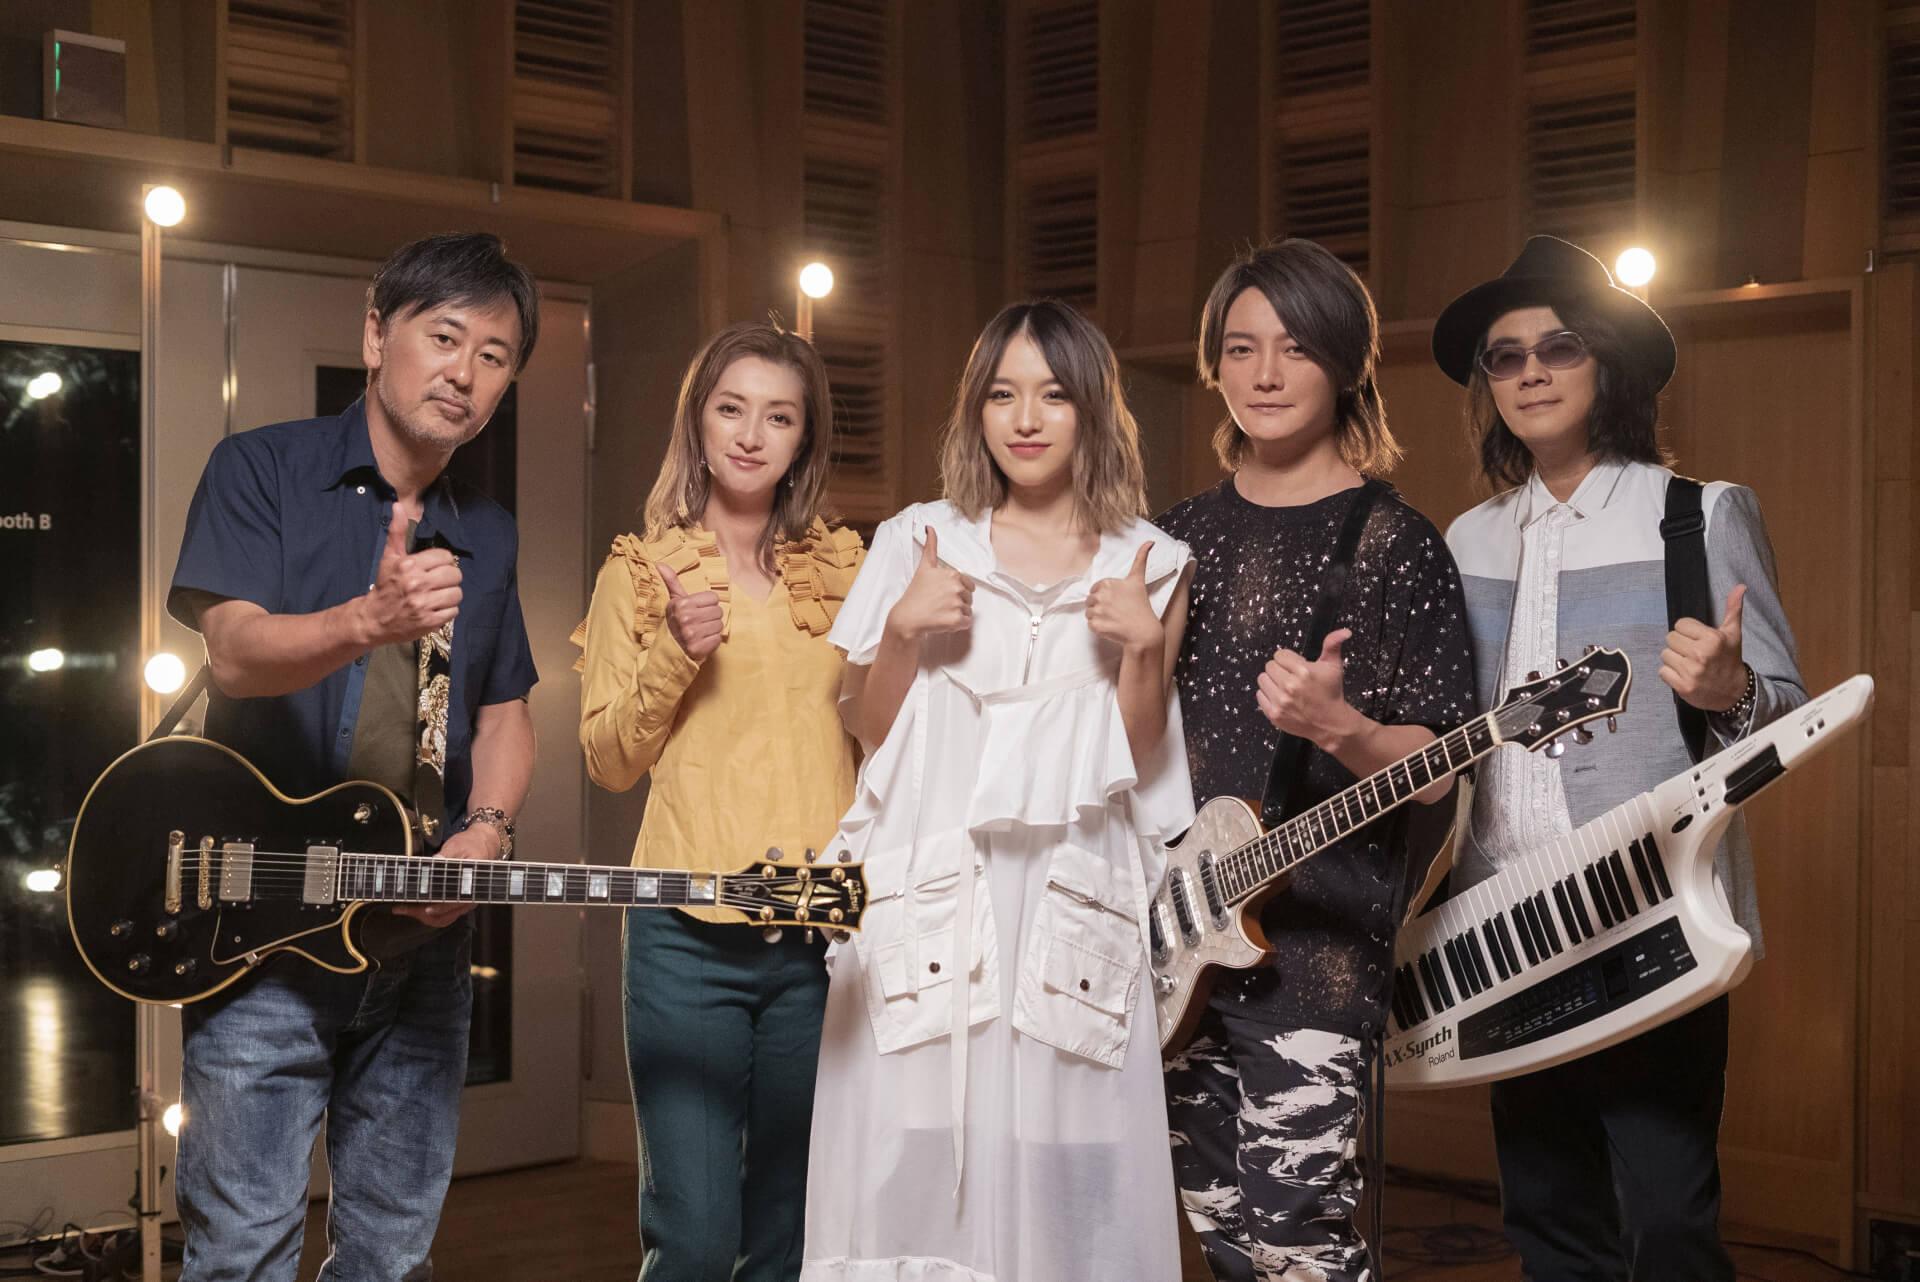 Do As Infinityとコラボ楽曲をリリース!台湾の音楽ユニット「F.I.R.」とは? | Qetic